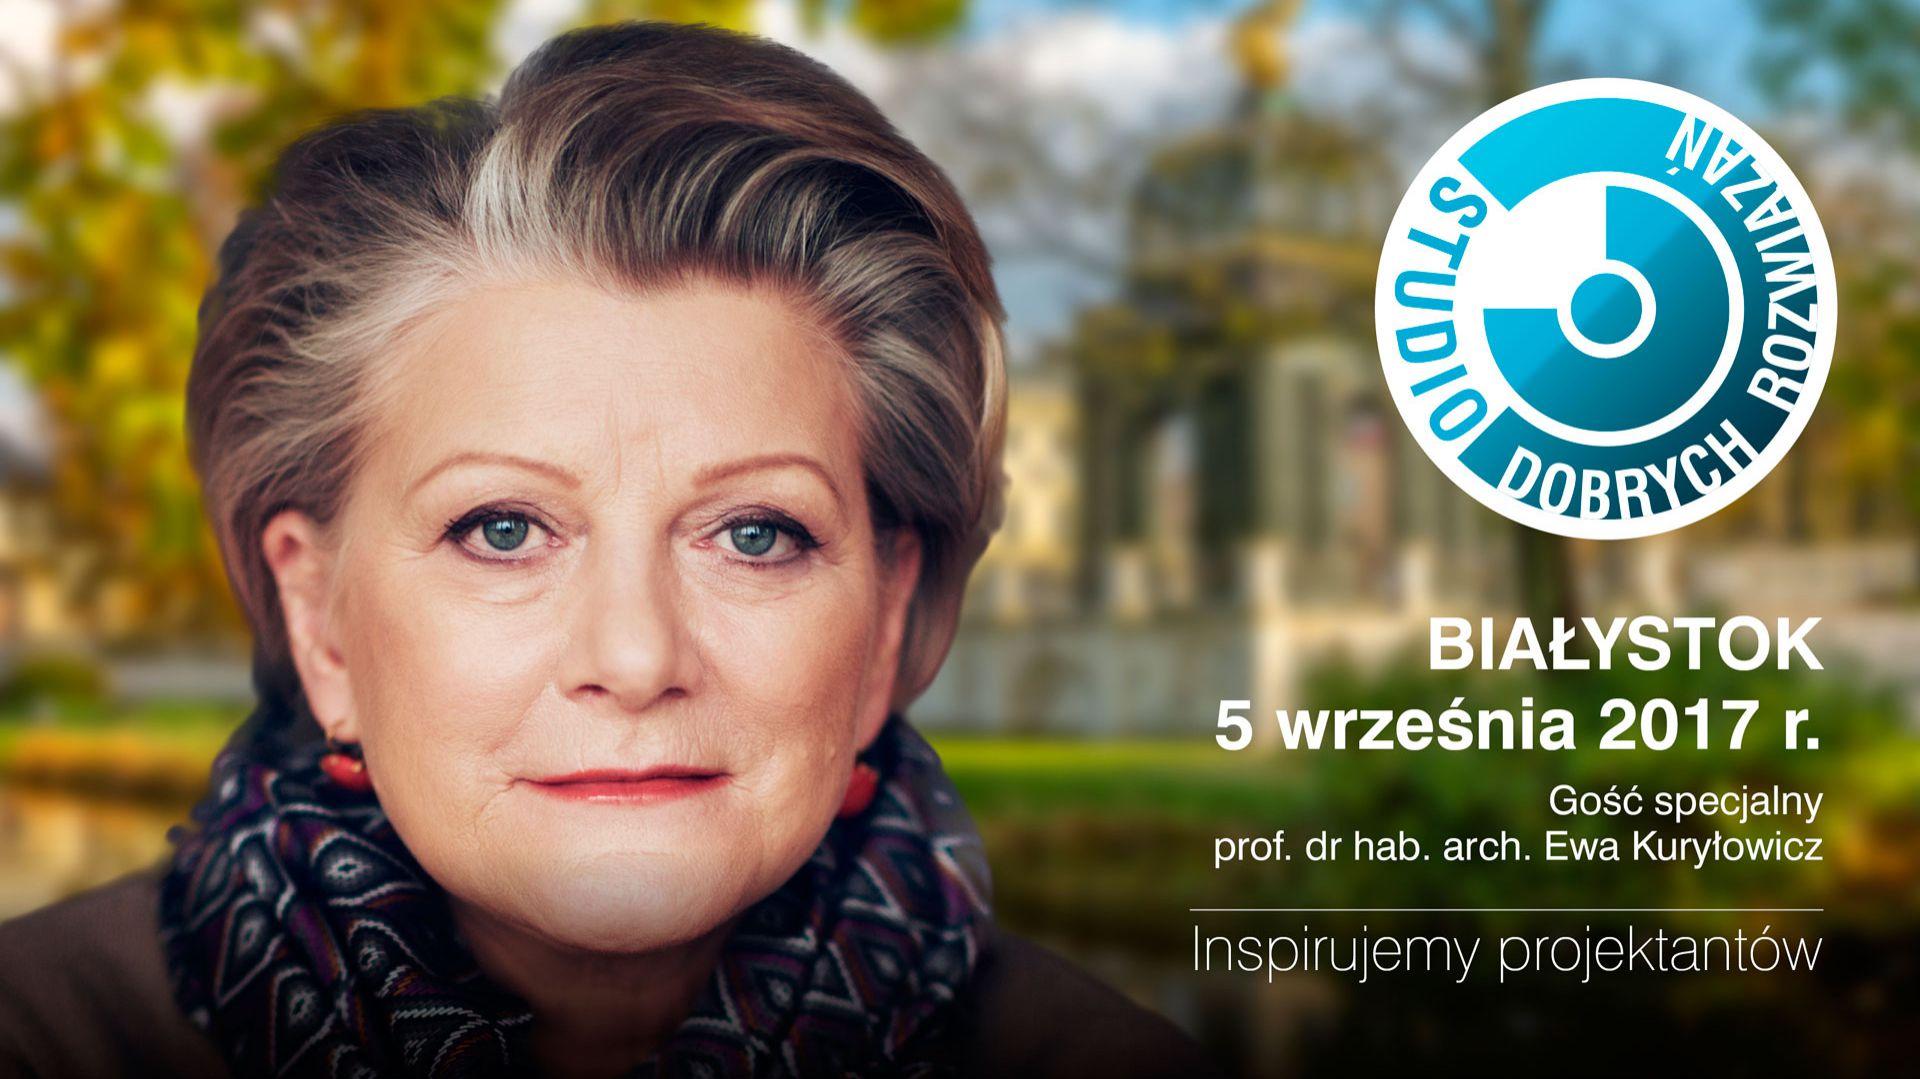 Ewa Kuryłowicz gościem specjalnym Studia Dobrych Rozwiązań w Białymstoku